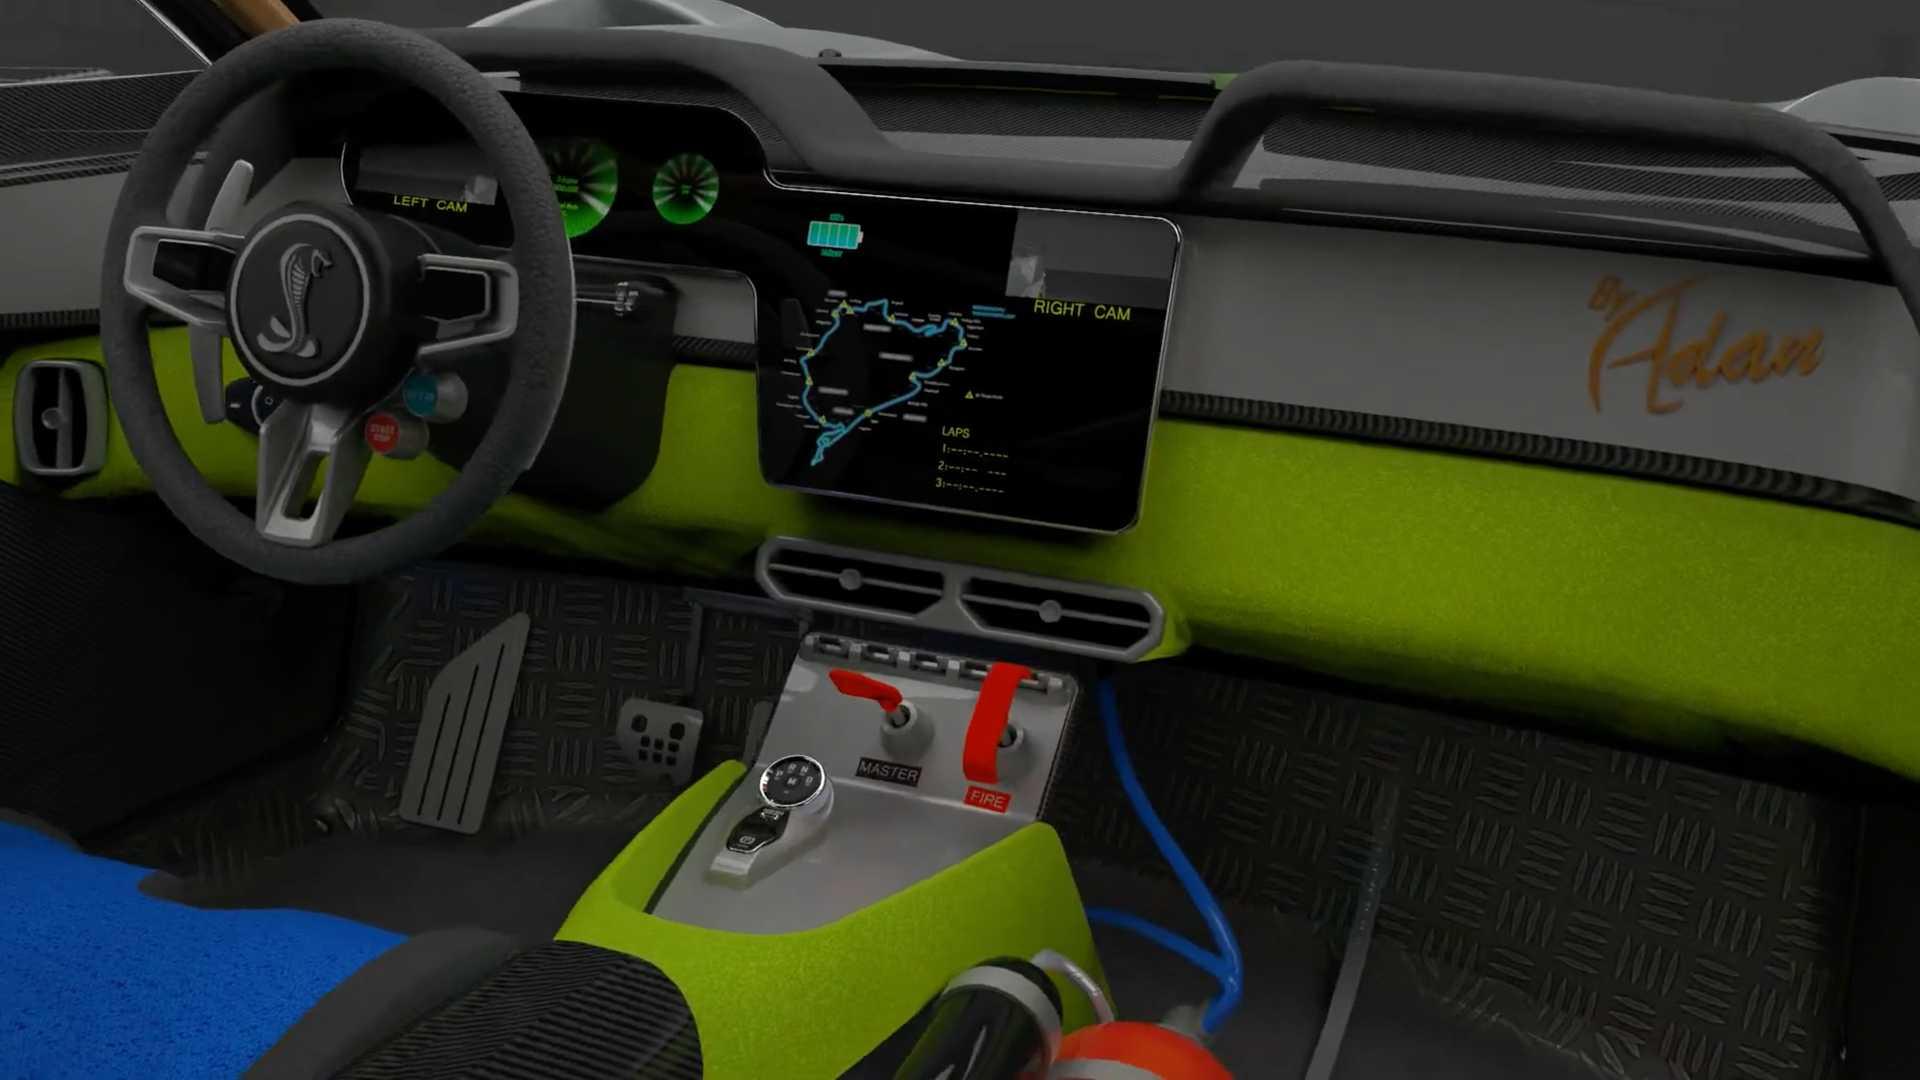 Представлено электрическое исполнение культового Ford Mustang Shelby